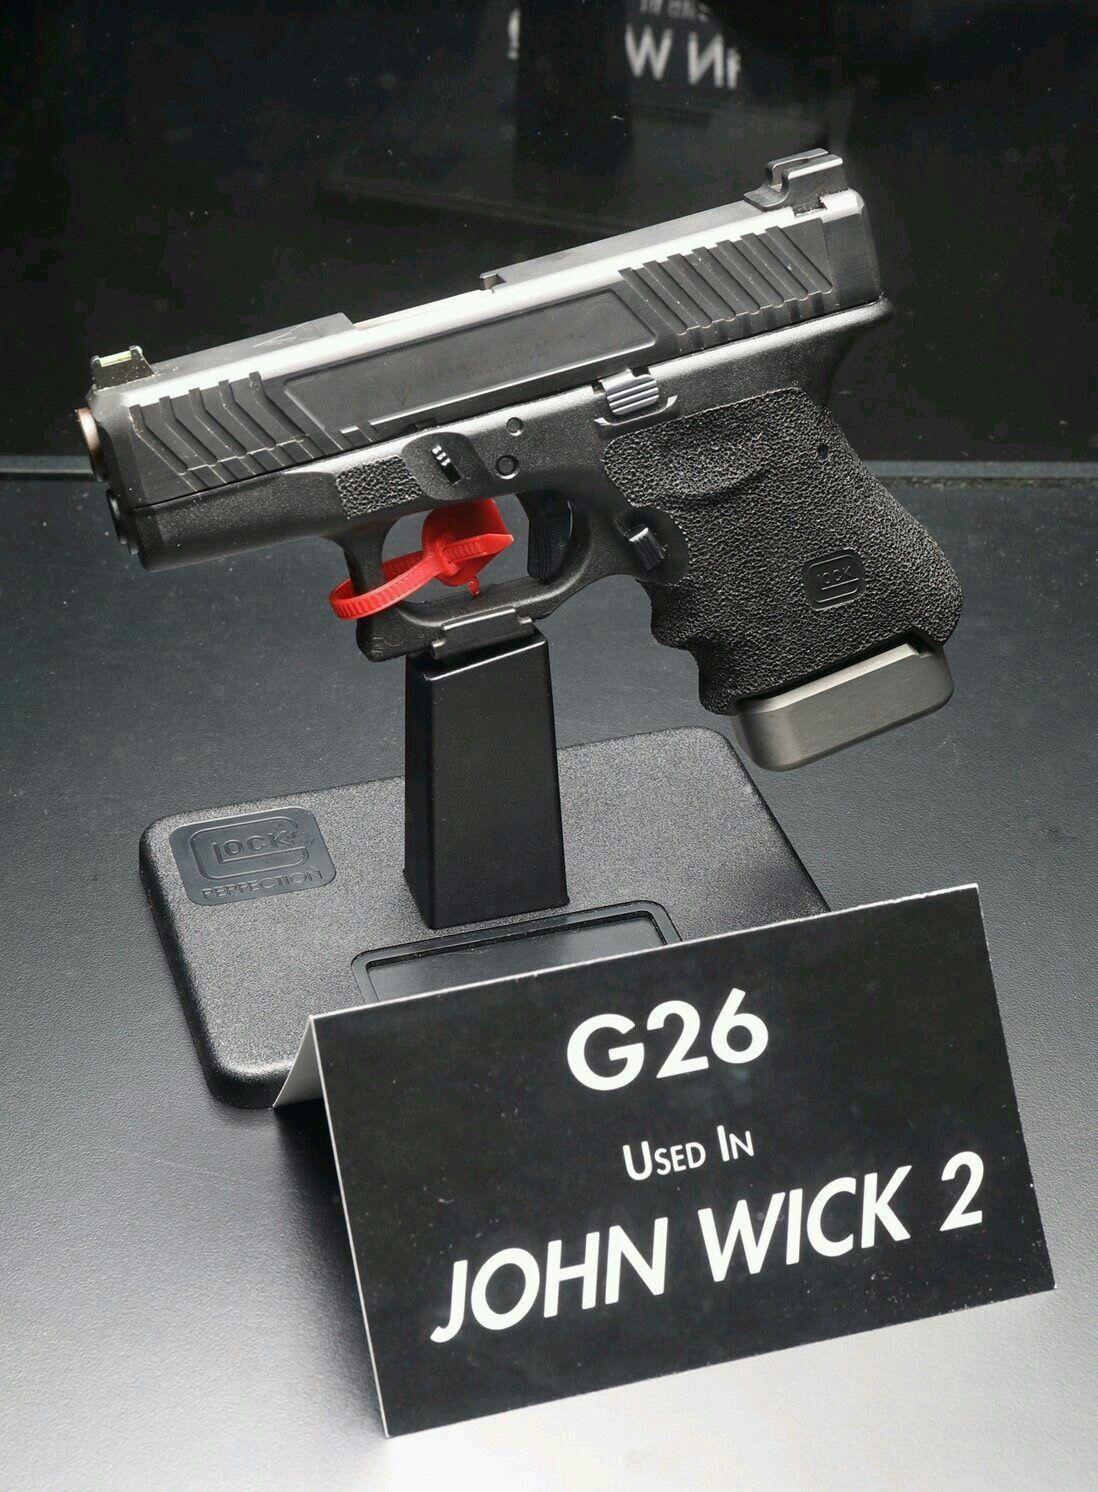 Glock 26-John Wick 2 | Firearms & Stuff | Guns, Hand guns, Custom glock